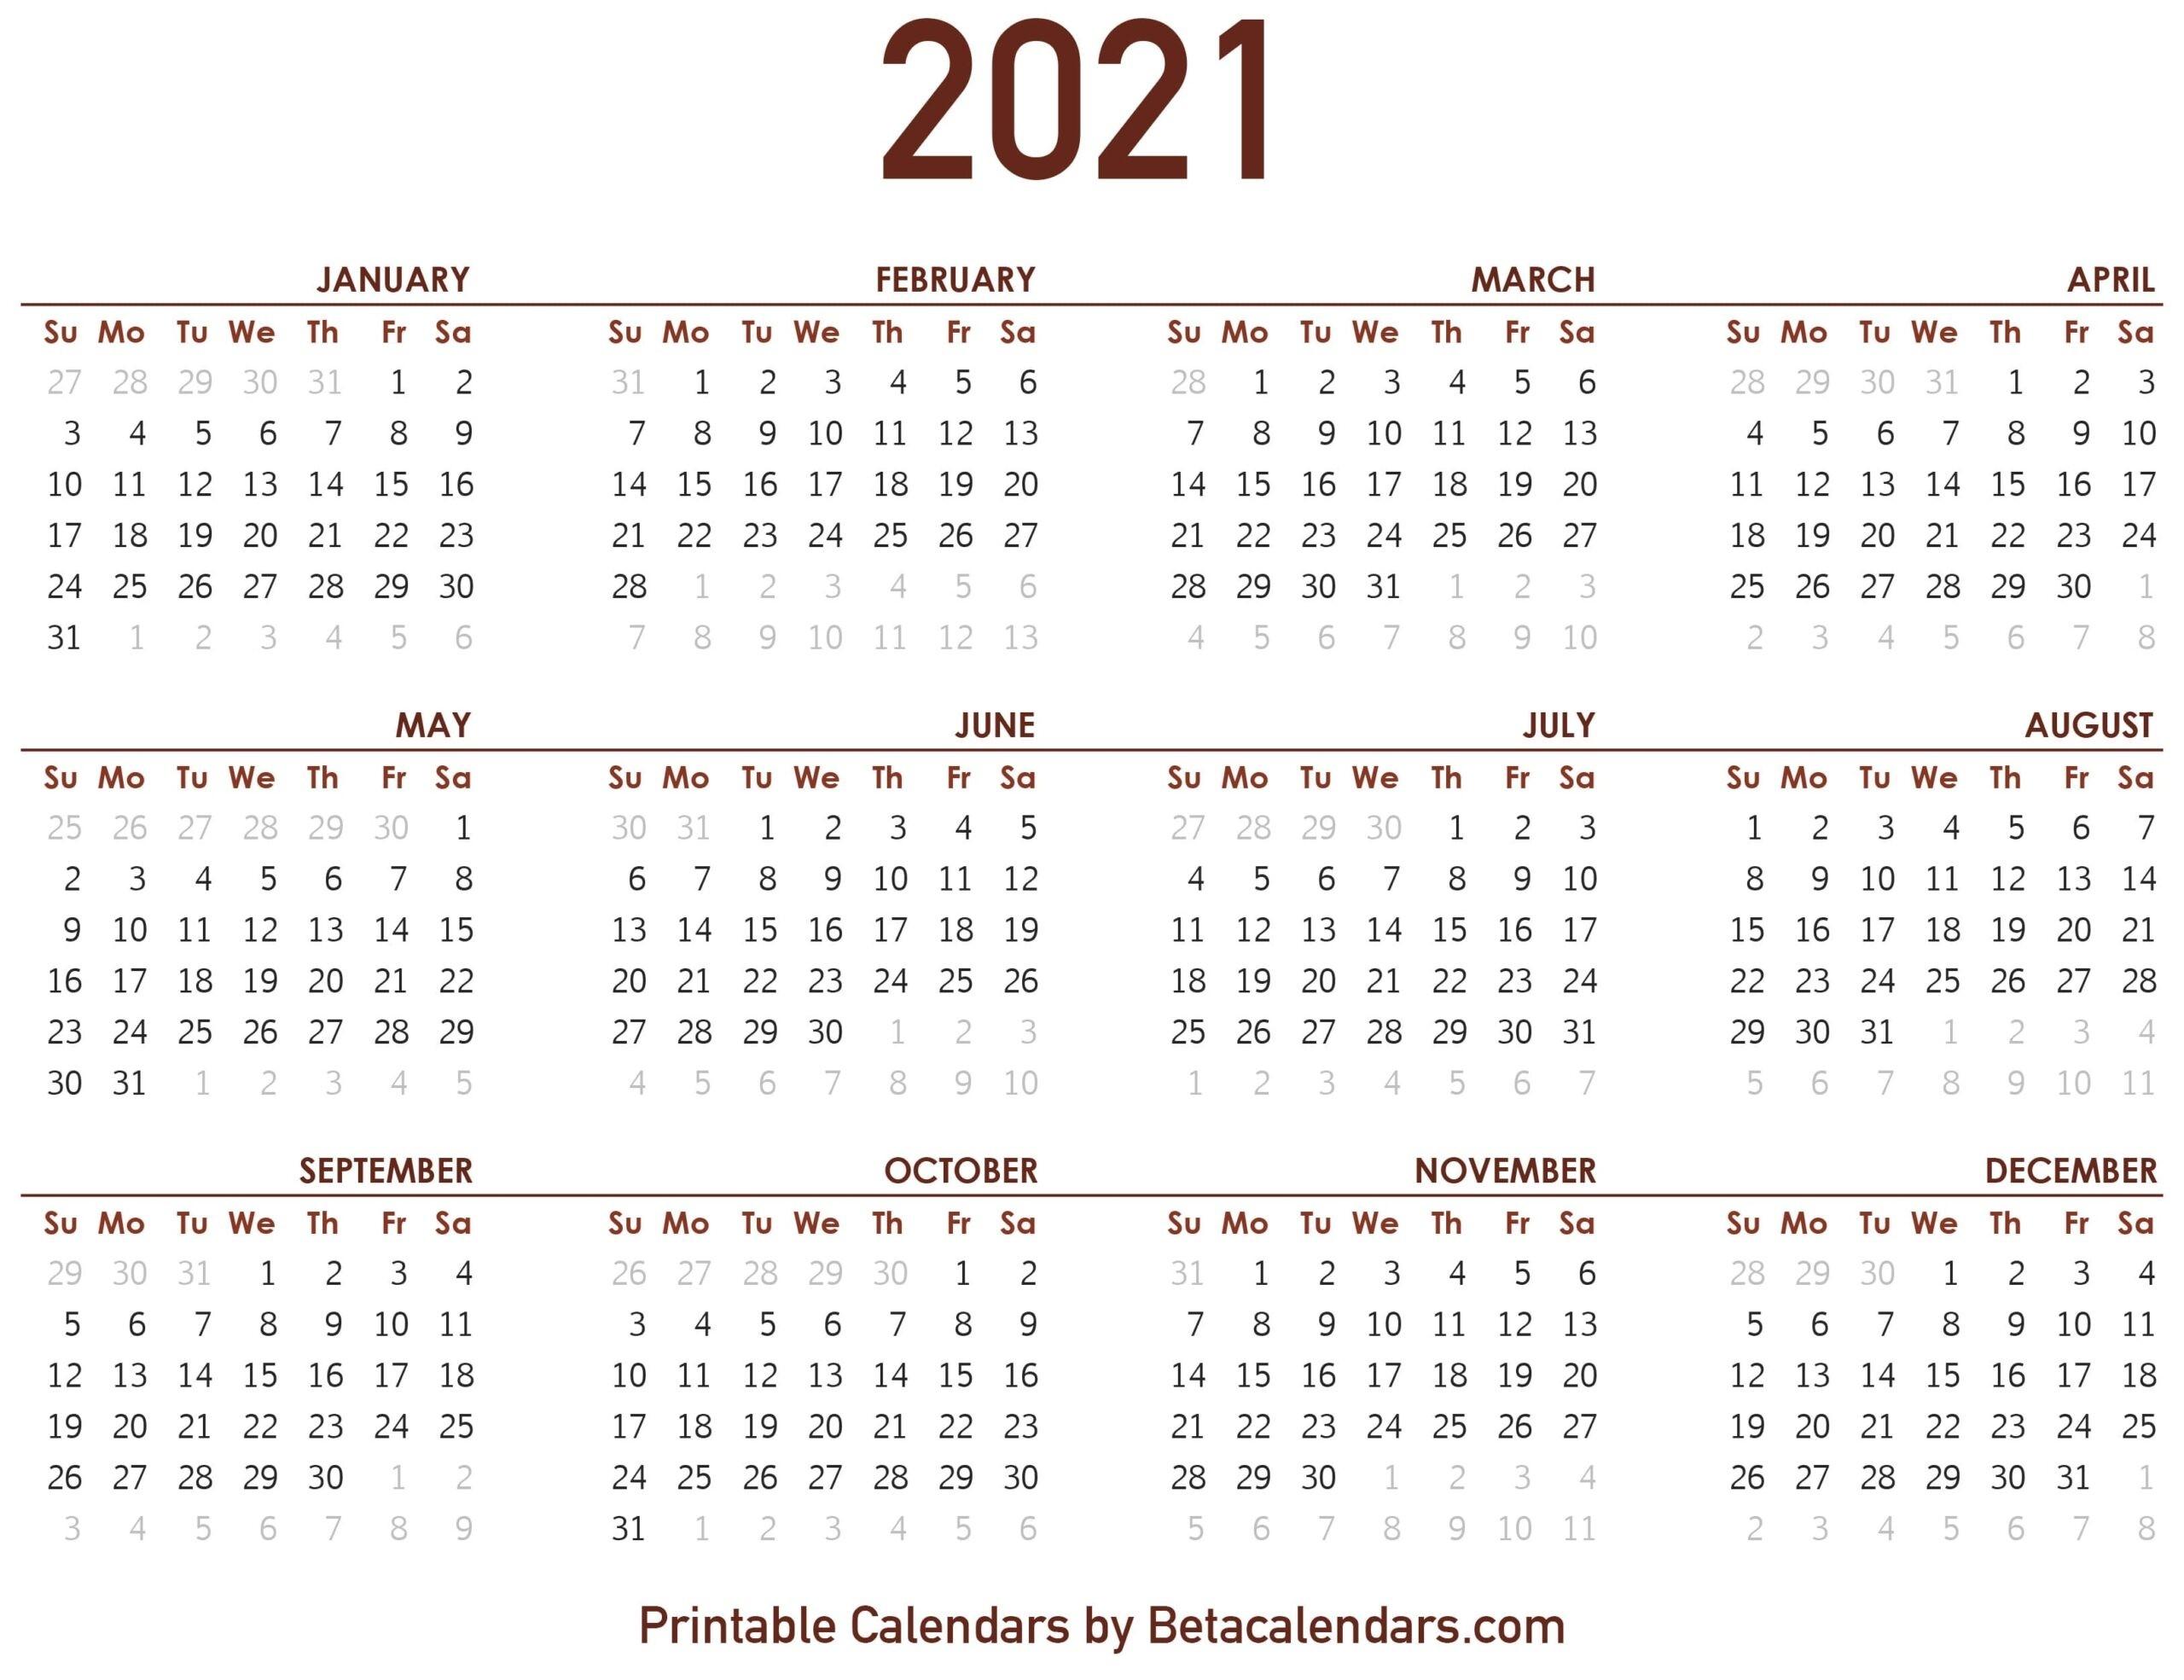 2021 Calendar - Beta Calendars-Online Calendar 2021